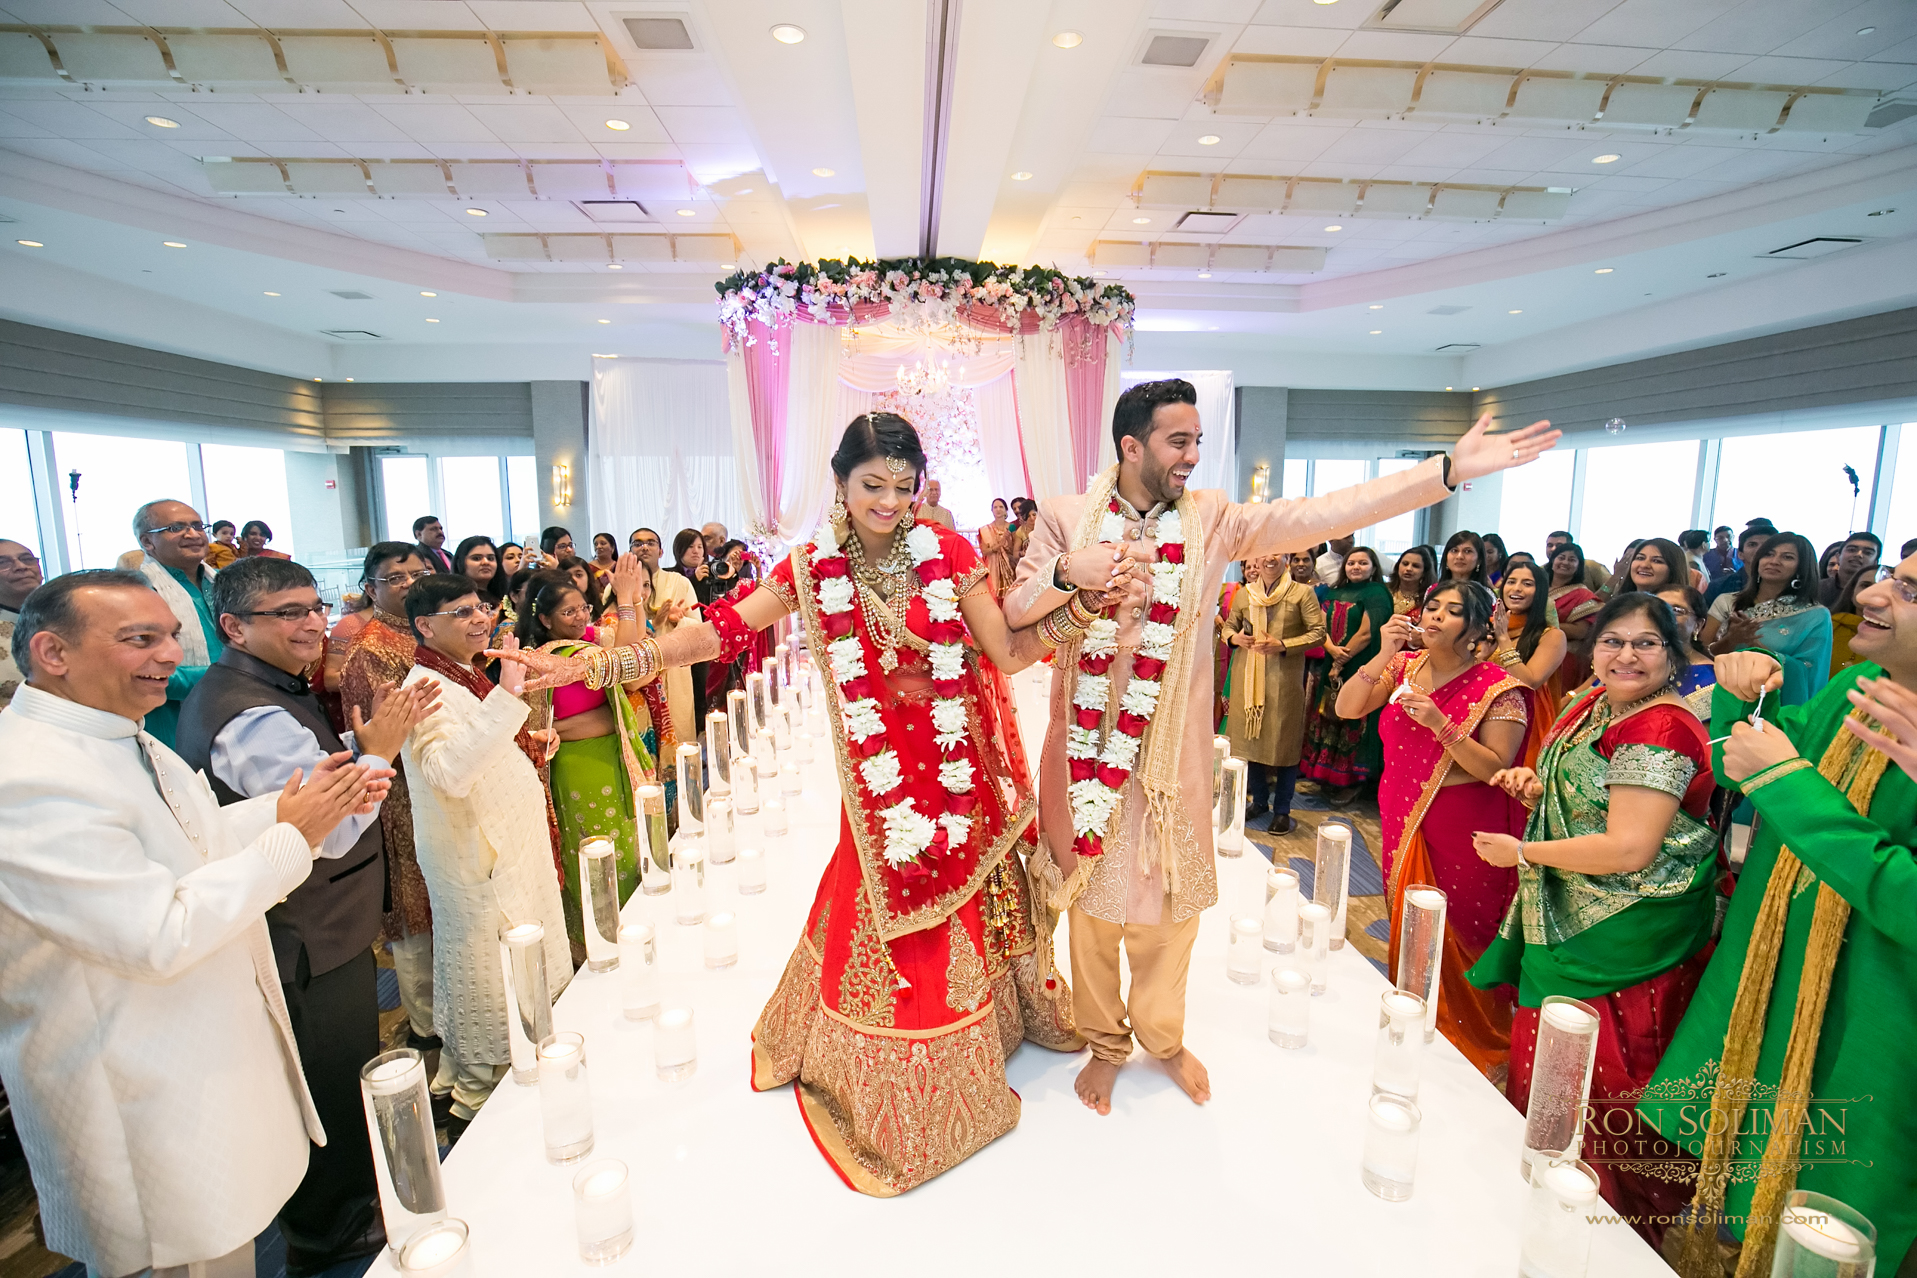 Hindu wedding ceremory photos